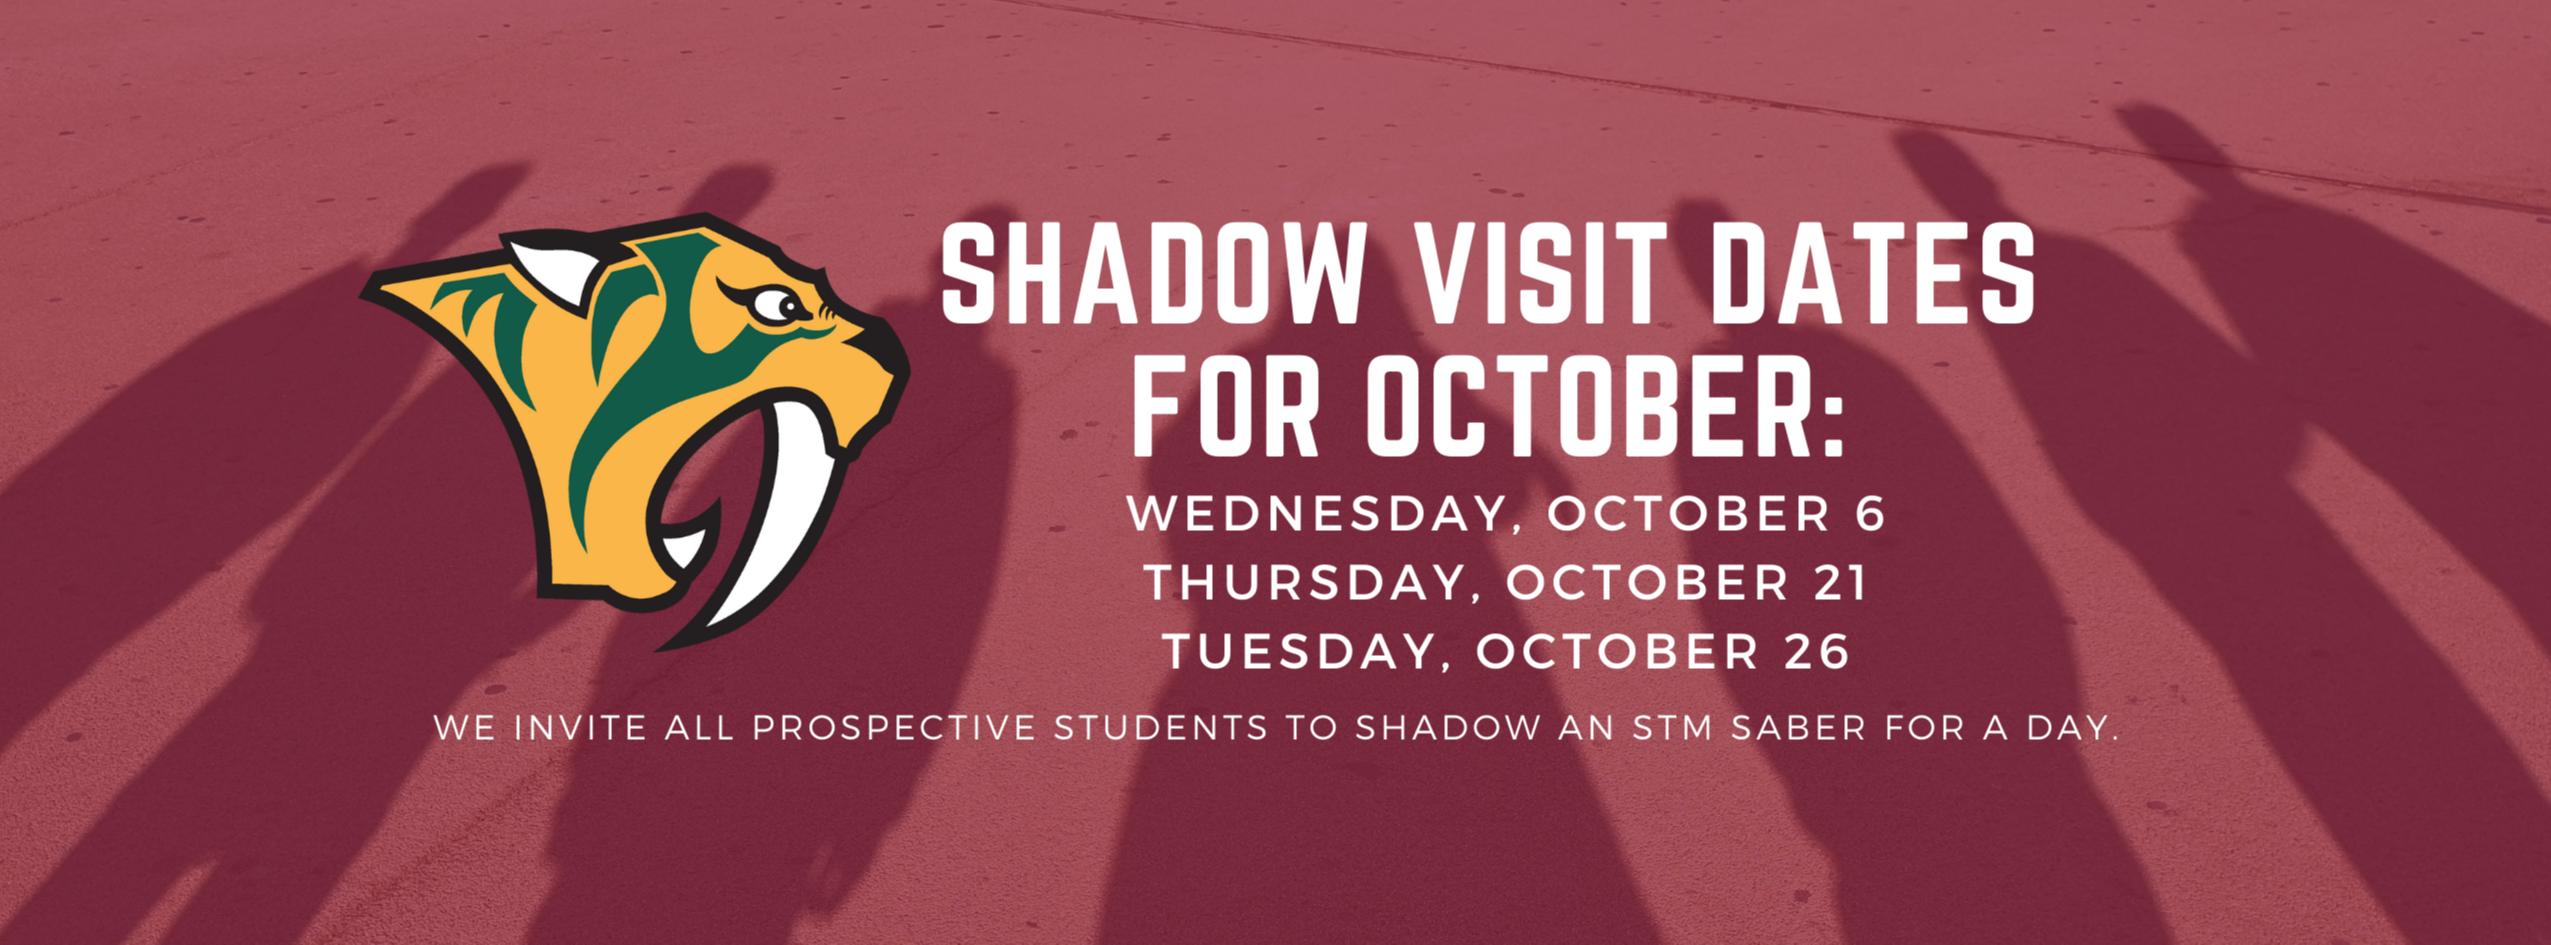 shadow visits